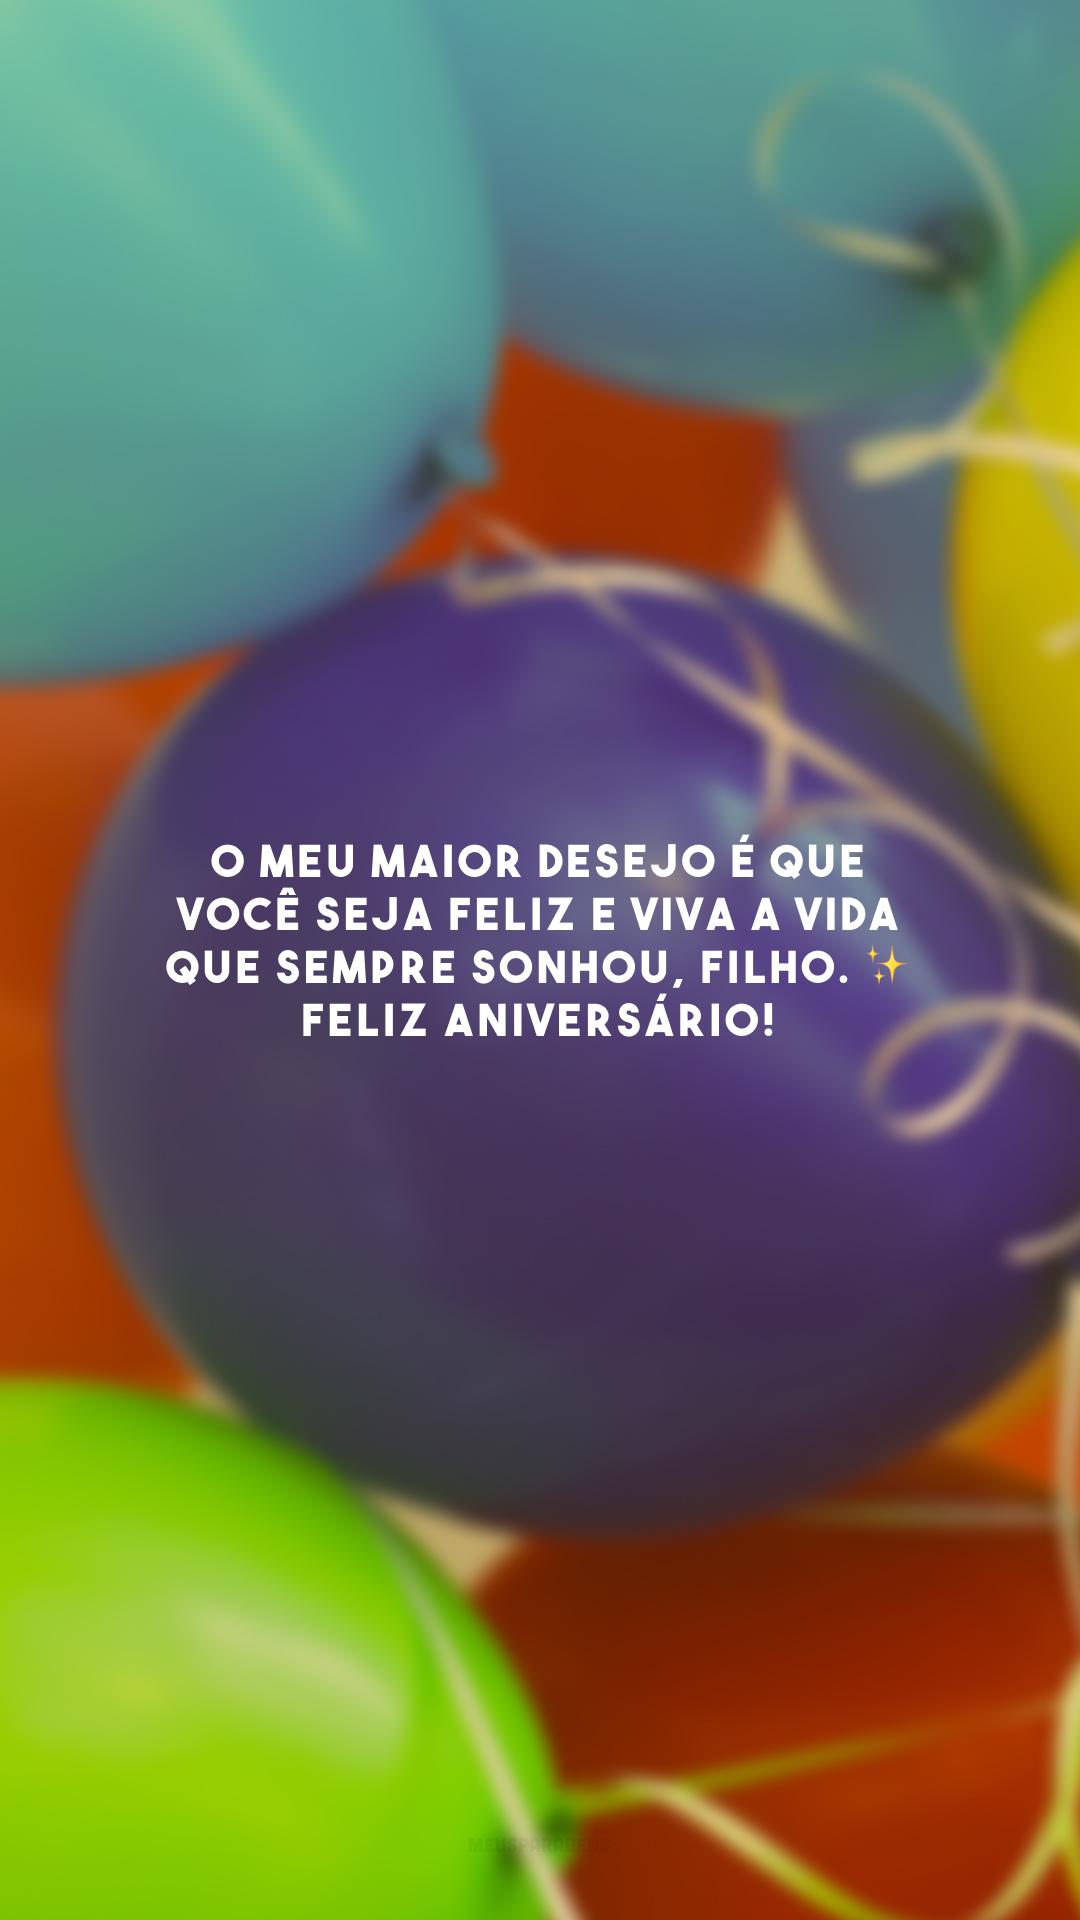 O meu maior desejo é que você seja feliz e viva a vida que sempre sonhou, filho. ✨ Feliz aniversário!